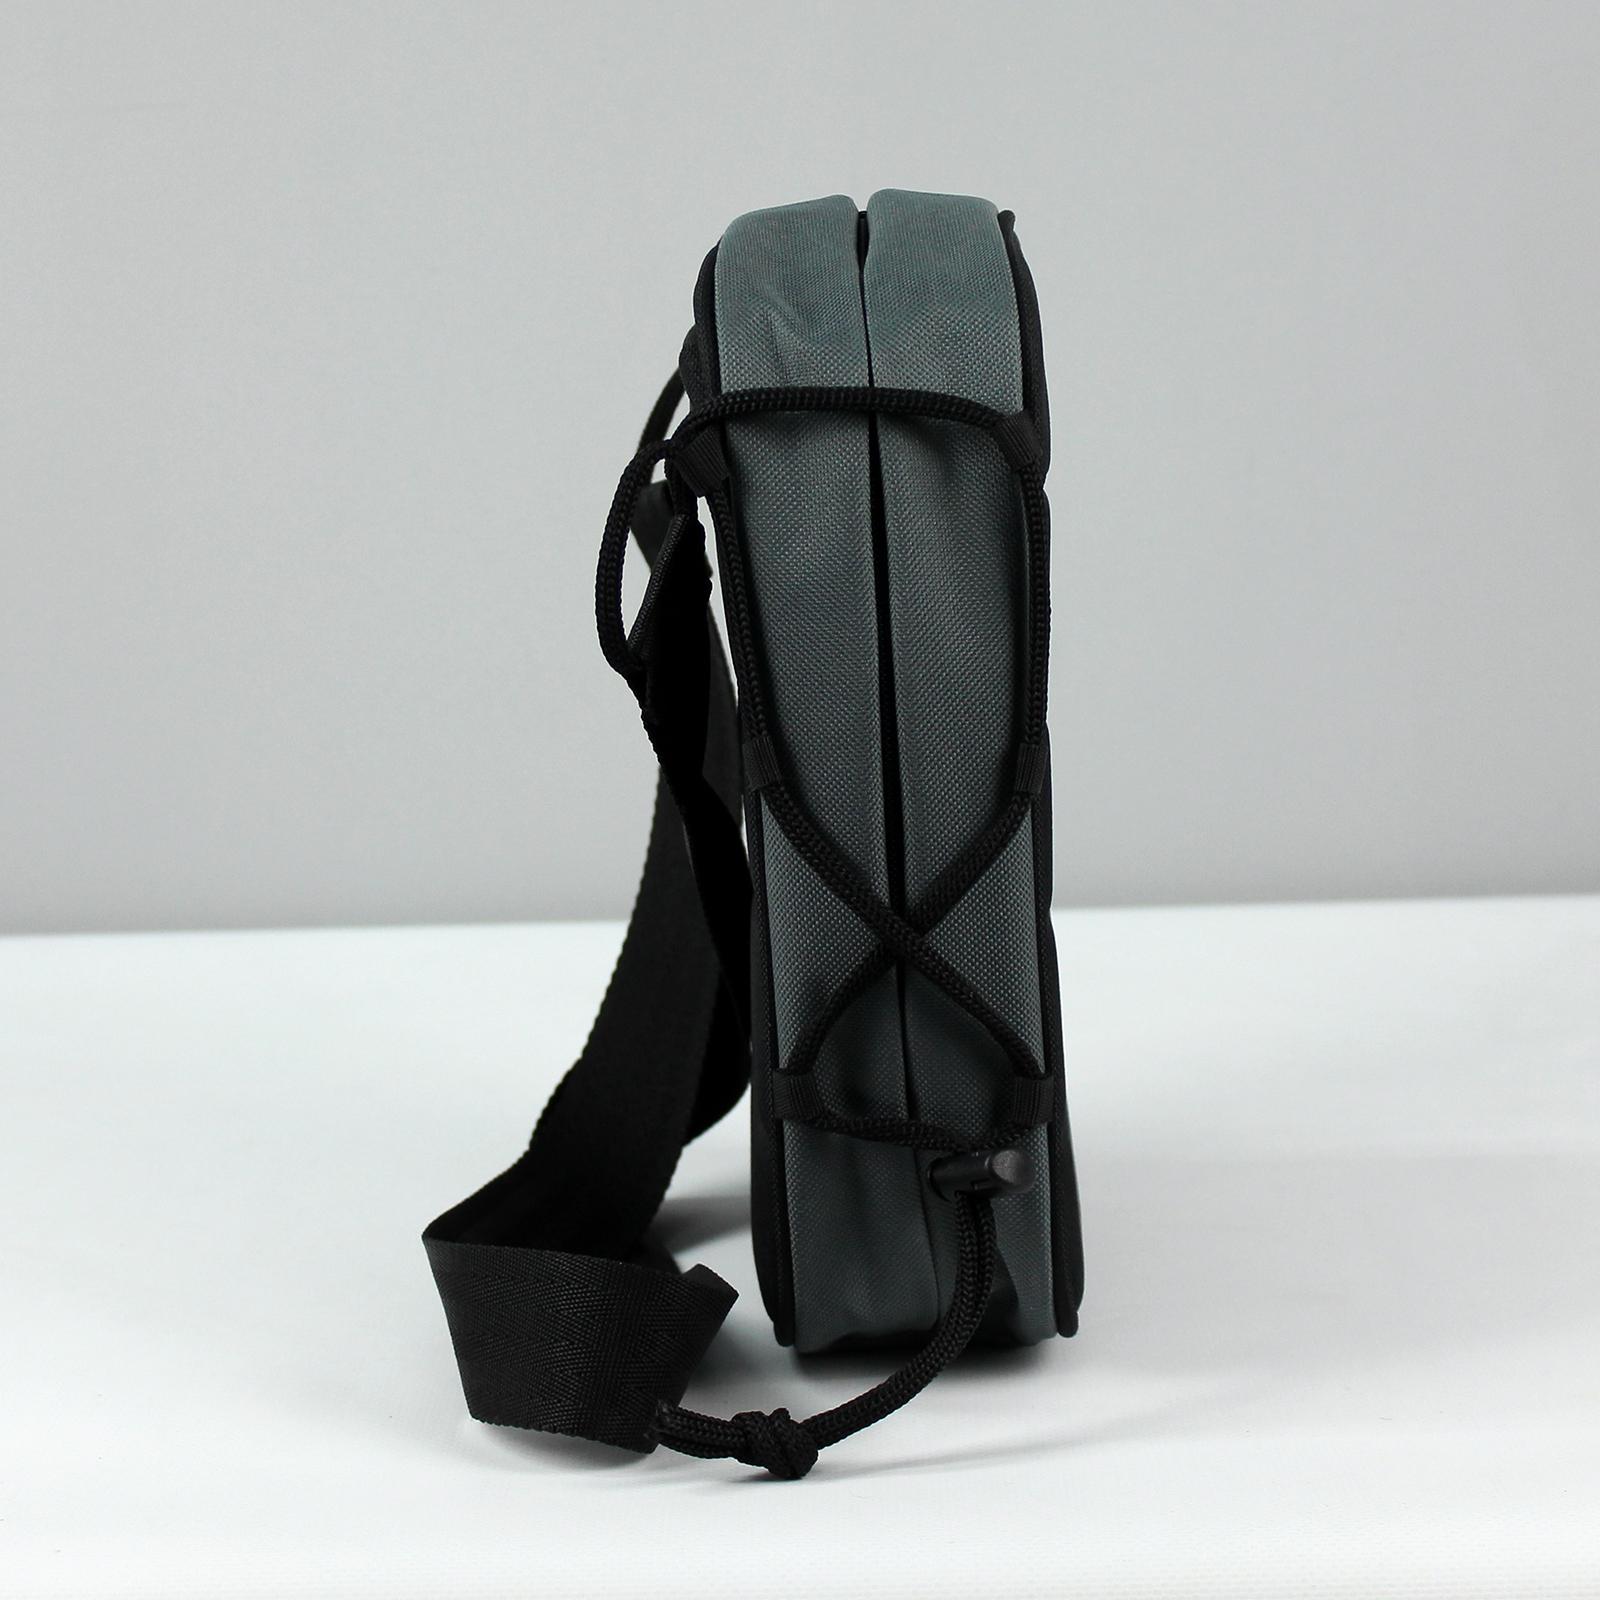 тканевая сумочка на плечо, спортивная сумочка на плечо, спортивная сумка мессенджер, качественная сумка мессенджер, сумка мессенджер